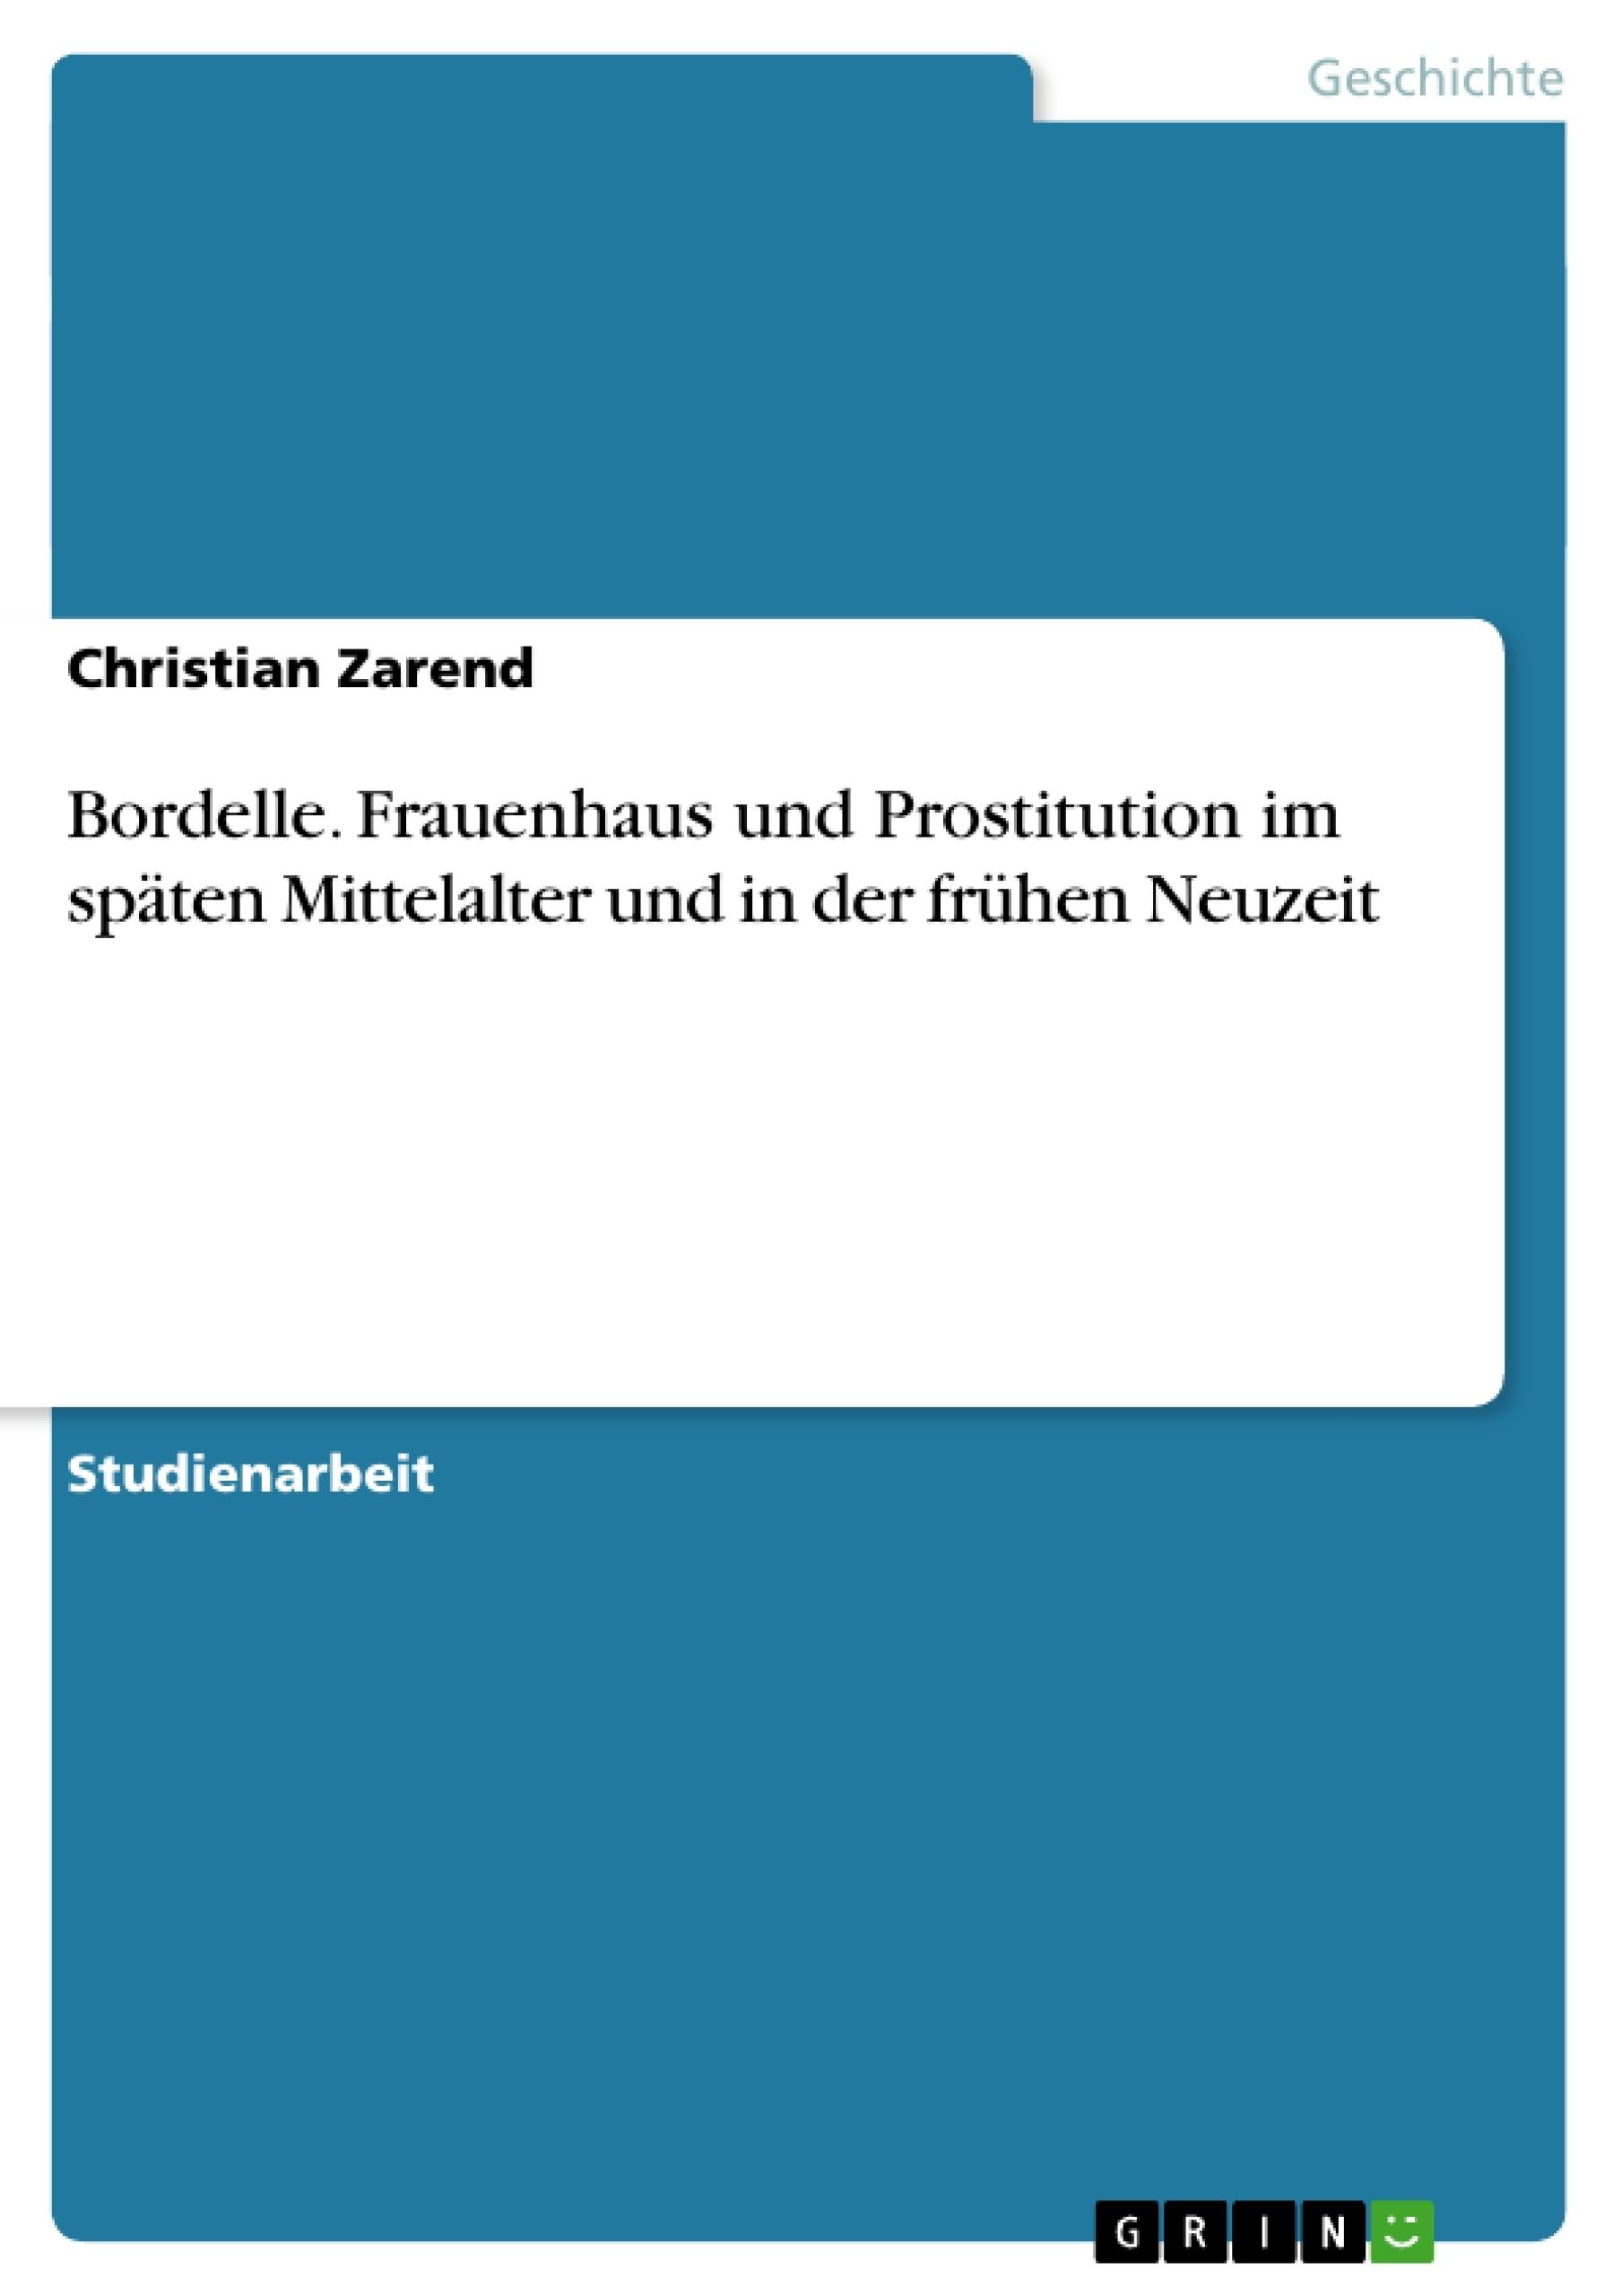 Titel: Bordelle. Frauenhaus und Prostitution im späten Mittelalter und in der frühen Neuzeit